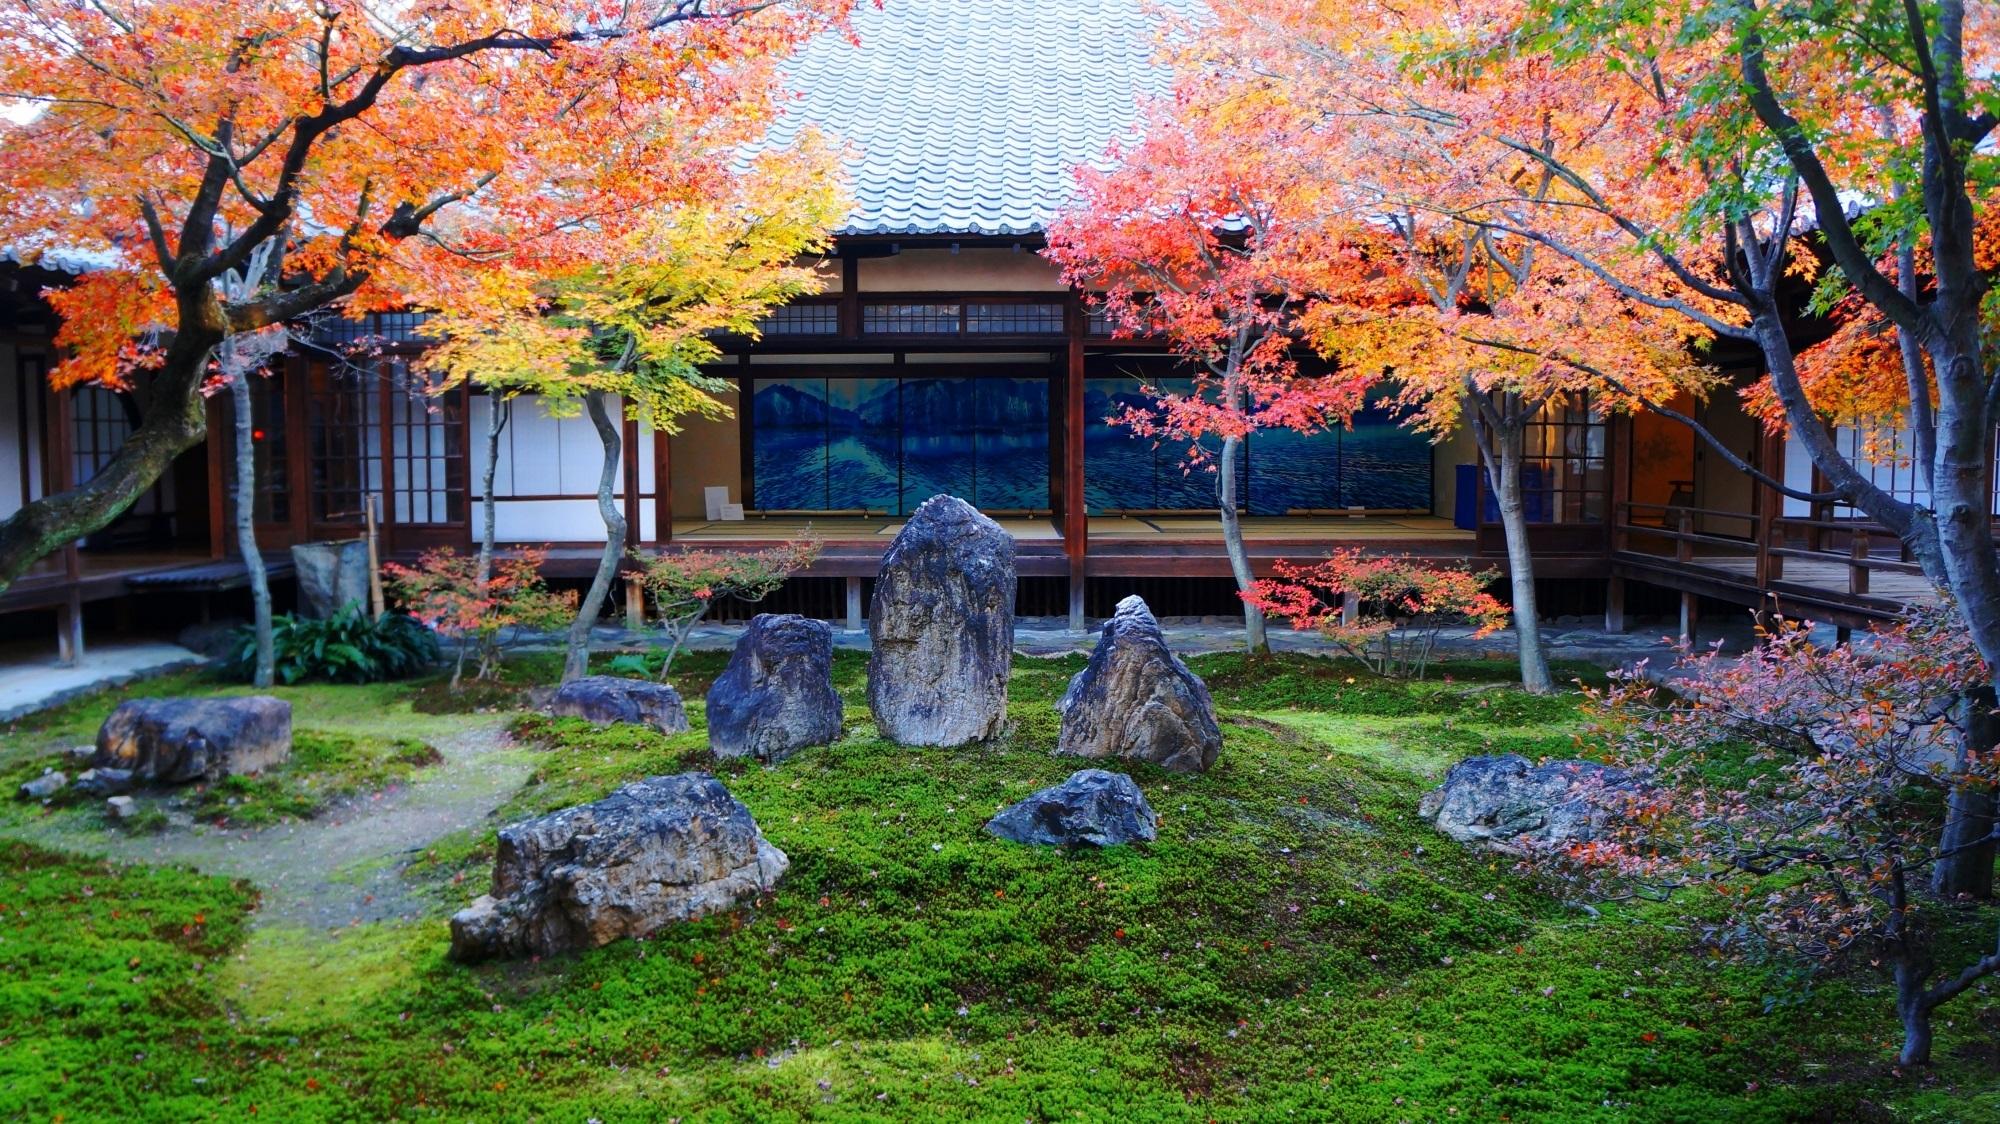 京都 建仁寺 紅葉 晩秋の美しい彩り